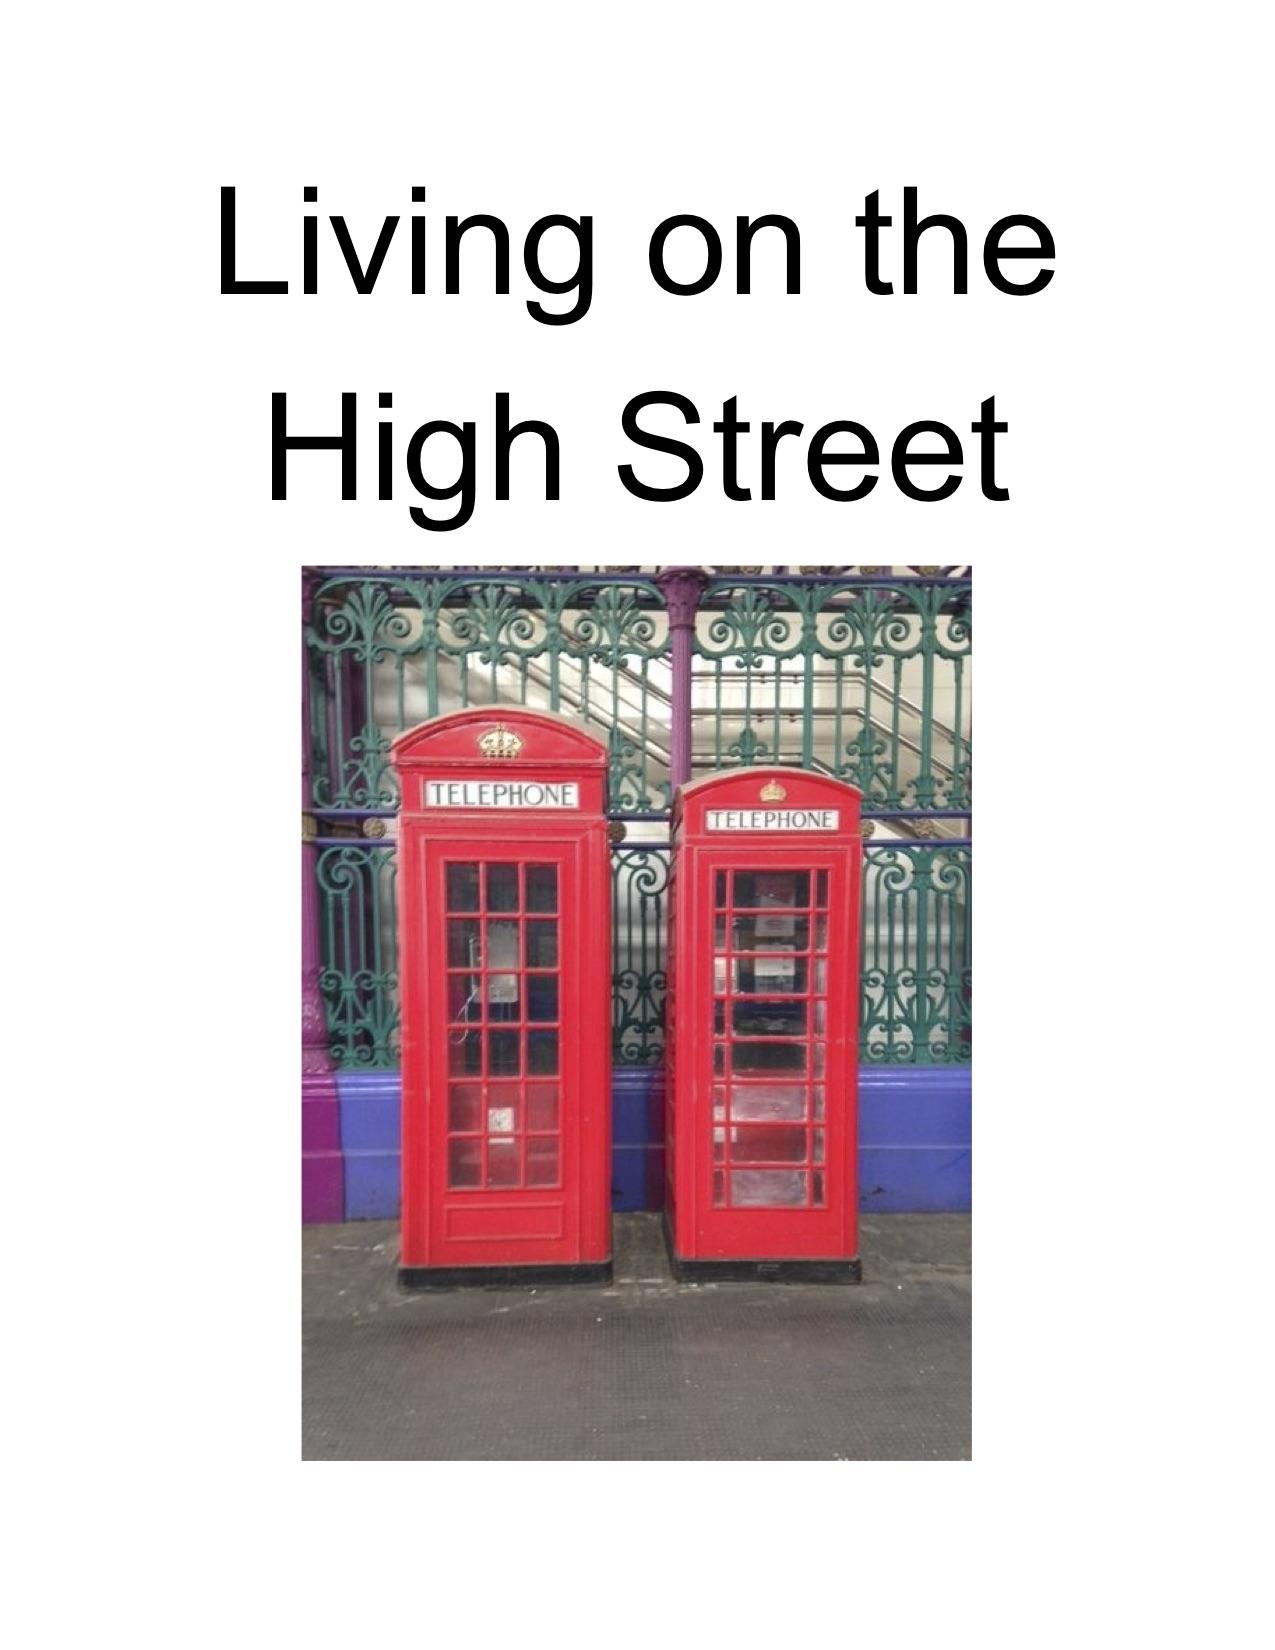 living-on-the-high-street-cover.jpg